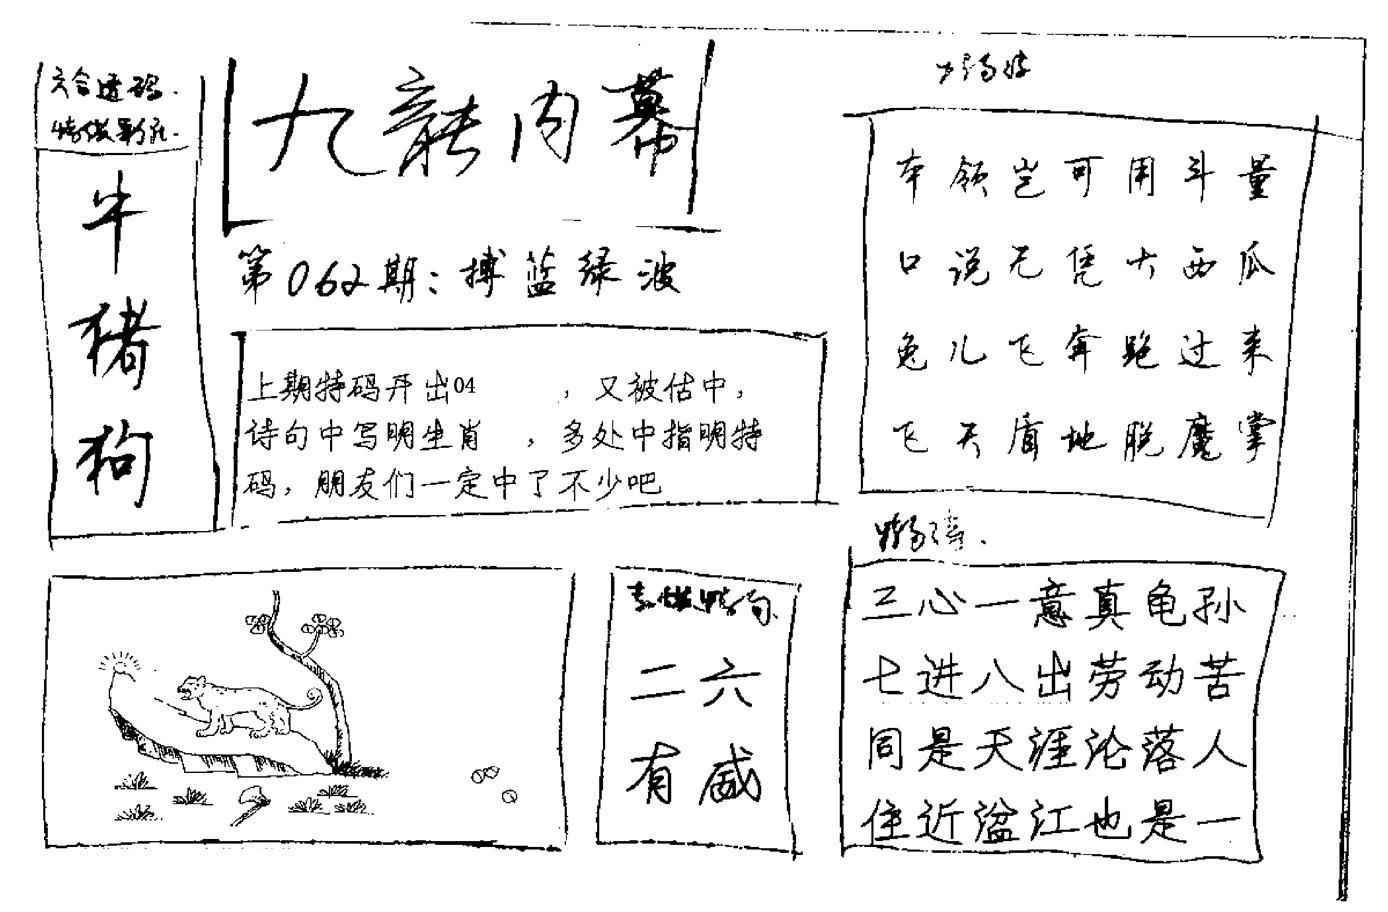 062期九龙内幕手写(黑白)